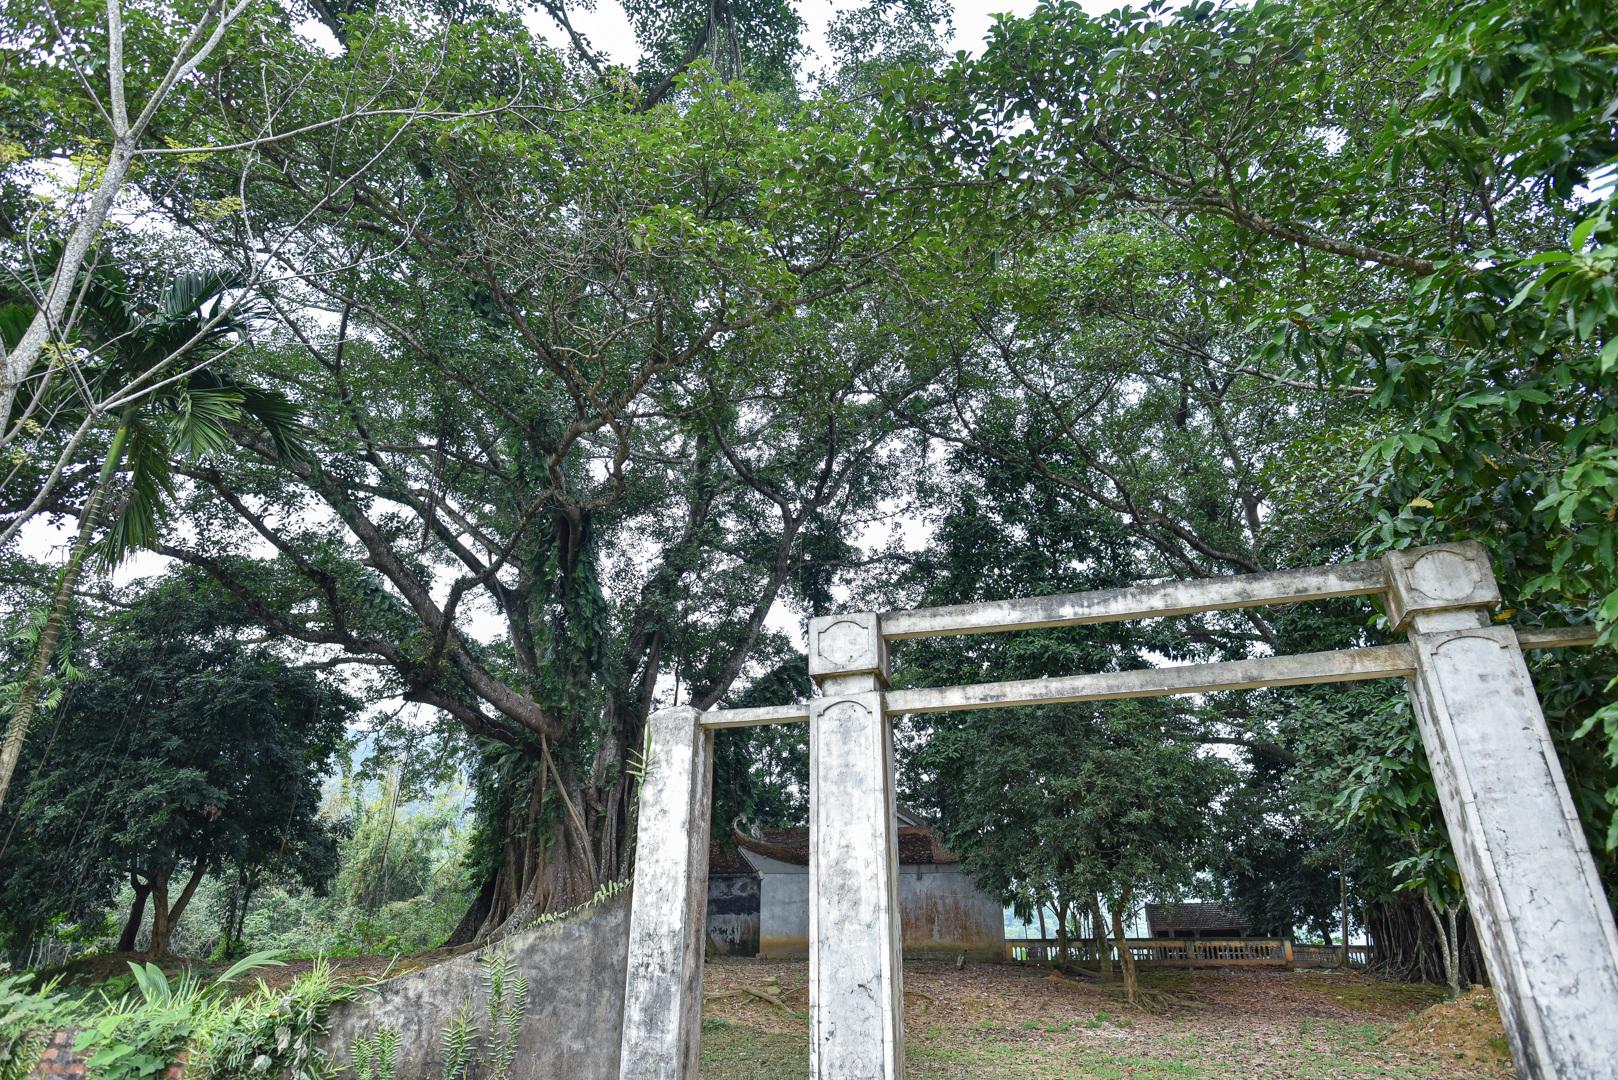 Báu vật đa cổ nghìn năm tuổi độc nhất vô nhị bên ngôi đền thiêng ở Hà Nội - 7